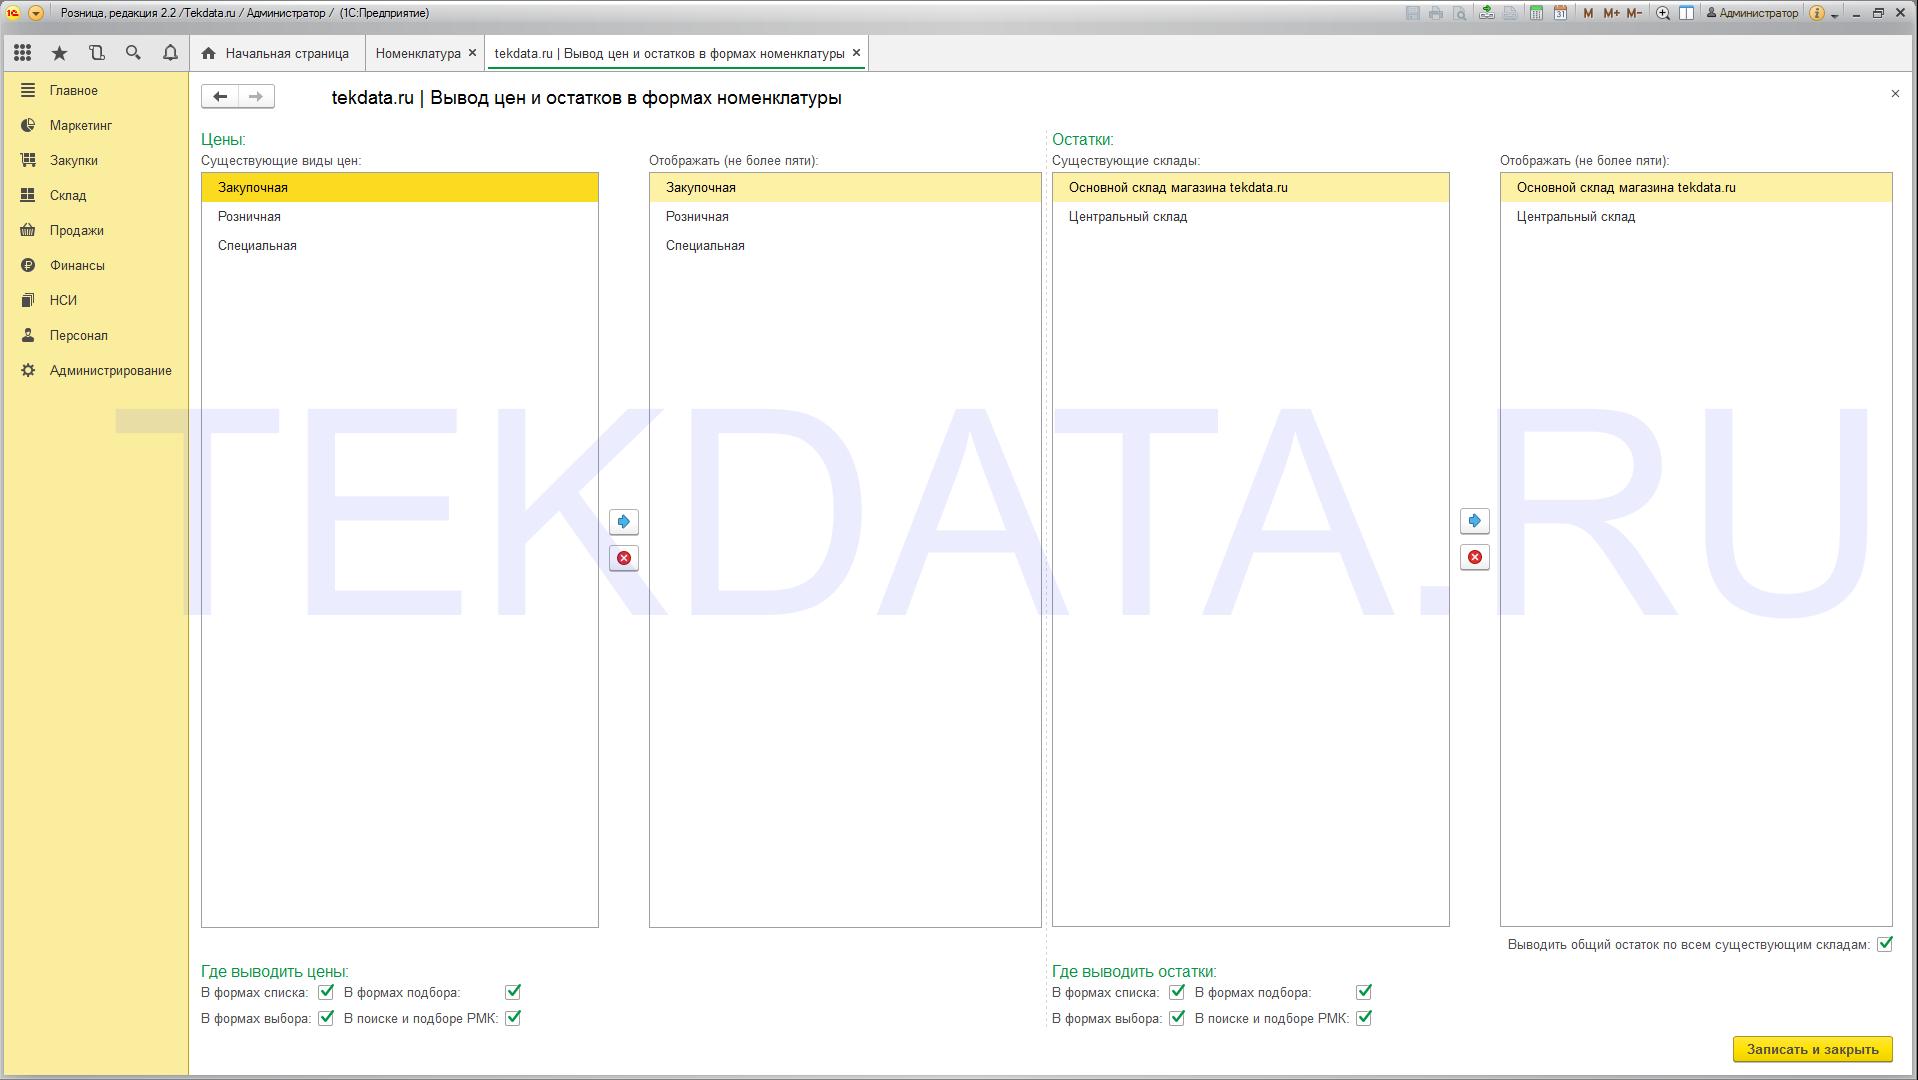 Добавление колонок цен и остатков в формы номенклатуры для Розница 2.2 (расширение) (расширение *.cfe) | tekdata.ru